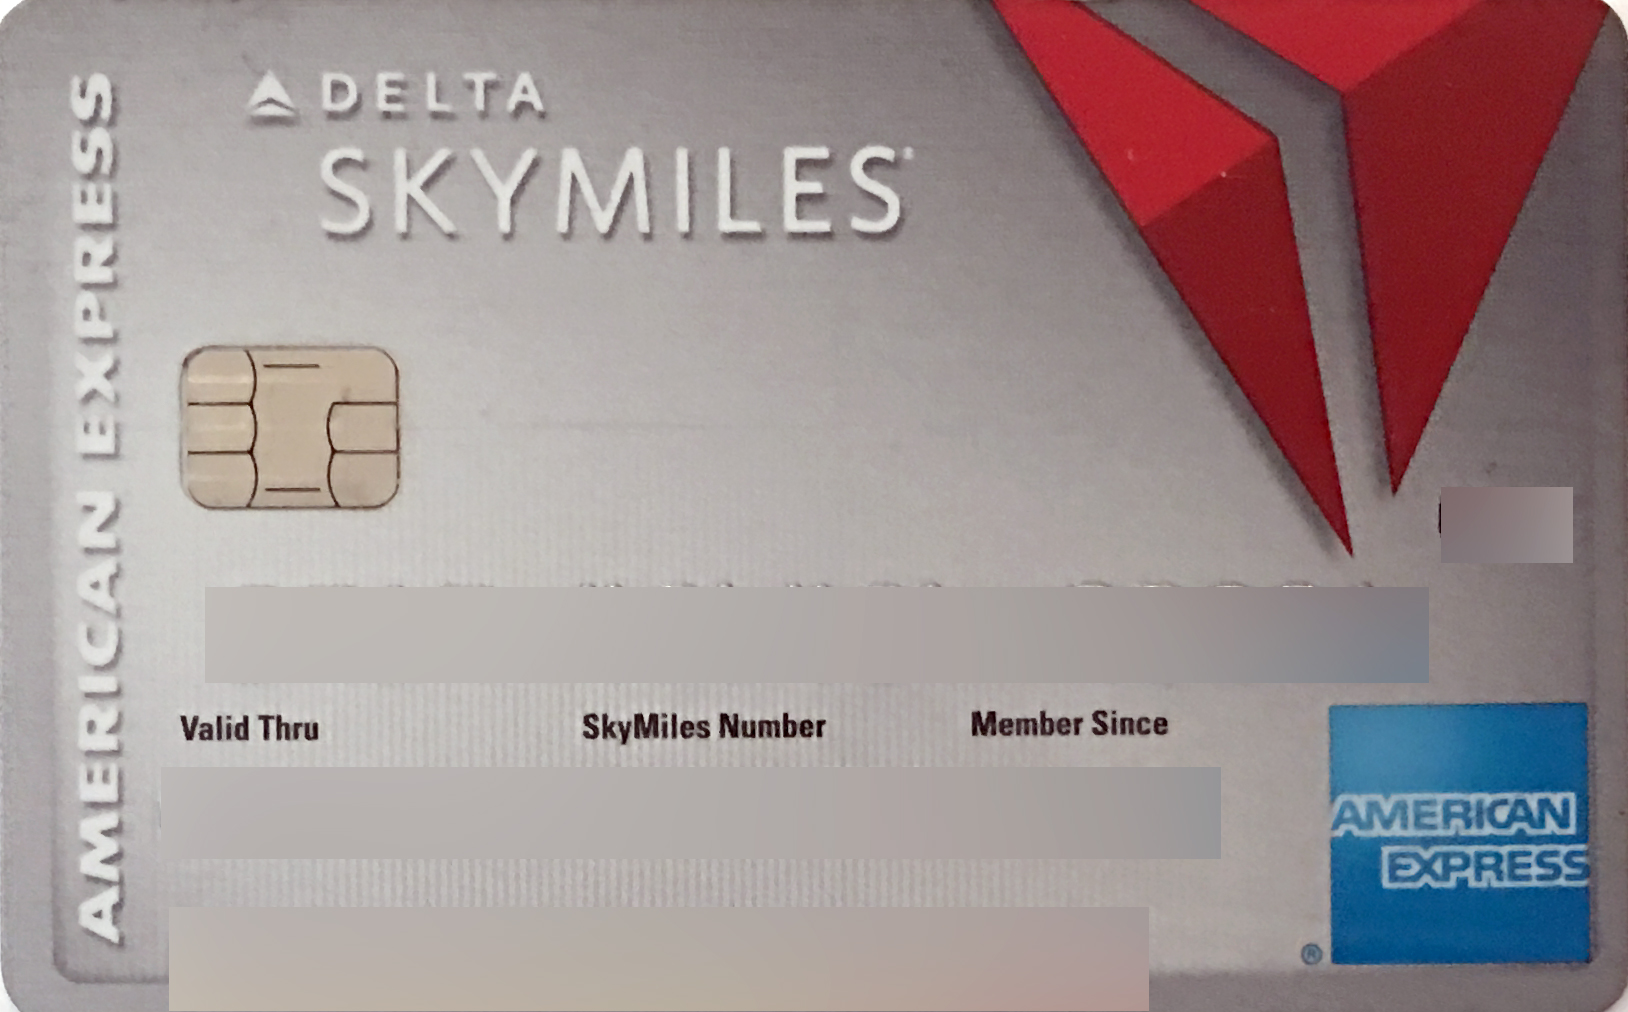 Huge Bonus Signup Offers for Delta American Express Cards ...